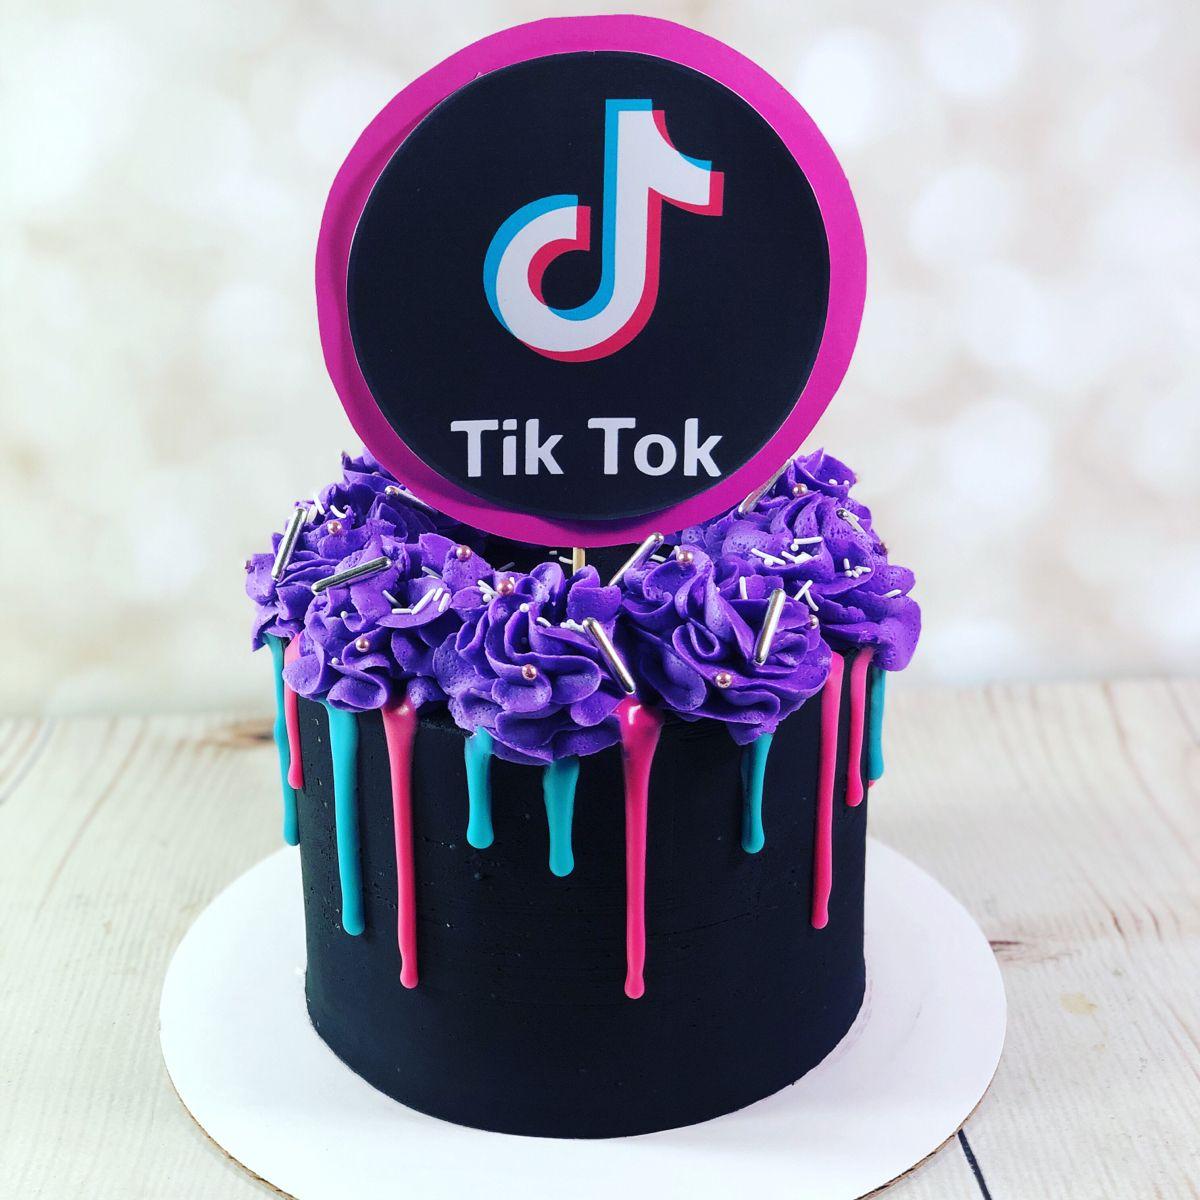 Tiktok Cake 14th Birthday Cakes 13 Birthday Cake Birthday Cakes For Teens